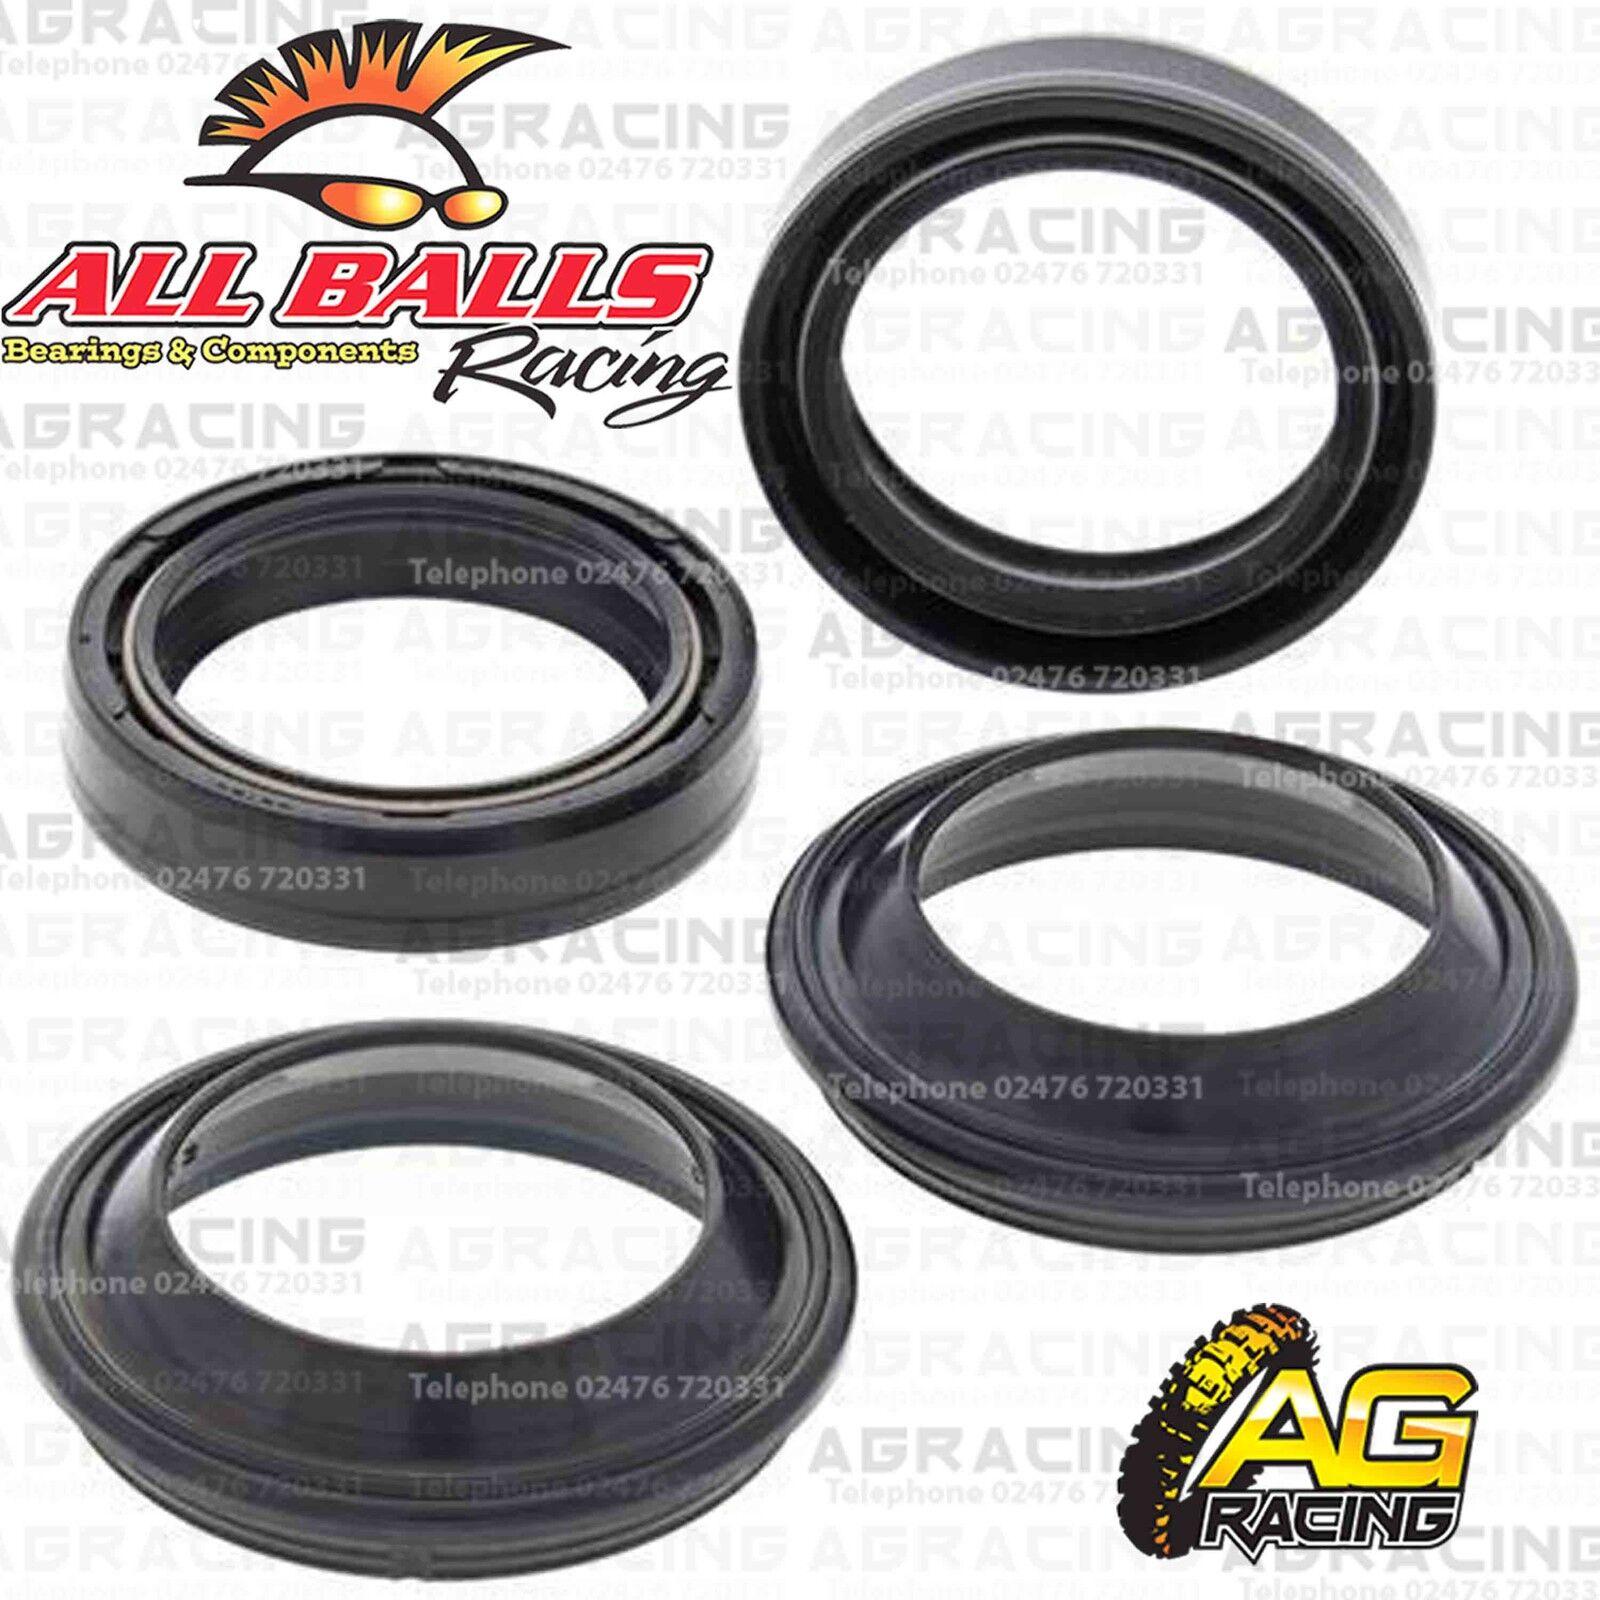 All Balls Fork Oil /& Dust Seals Kit For Honda CRF 450R 2003 03 Motocross Enduro